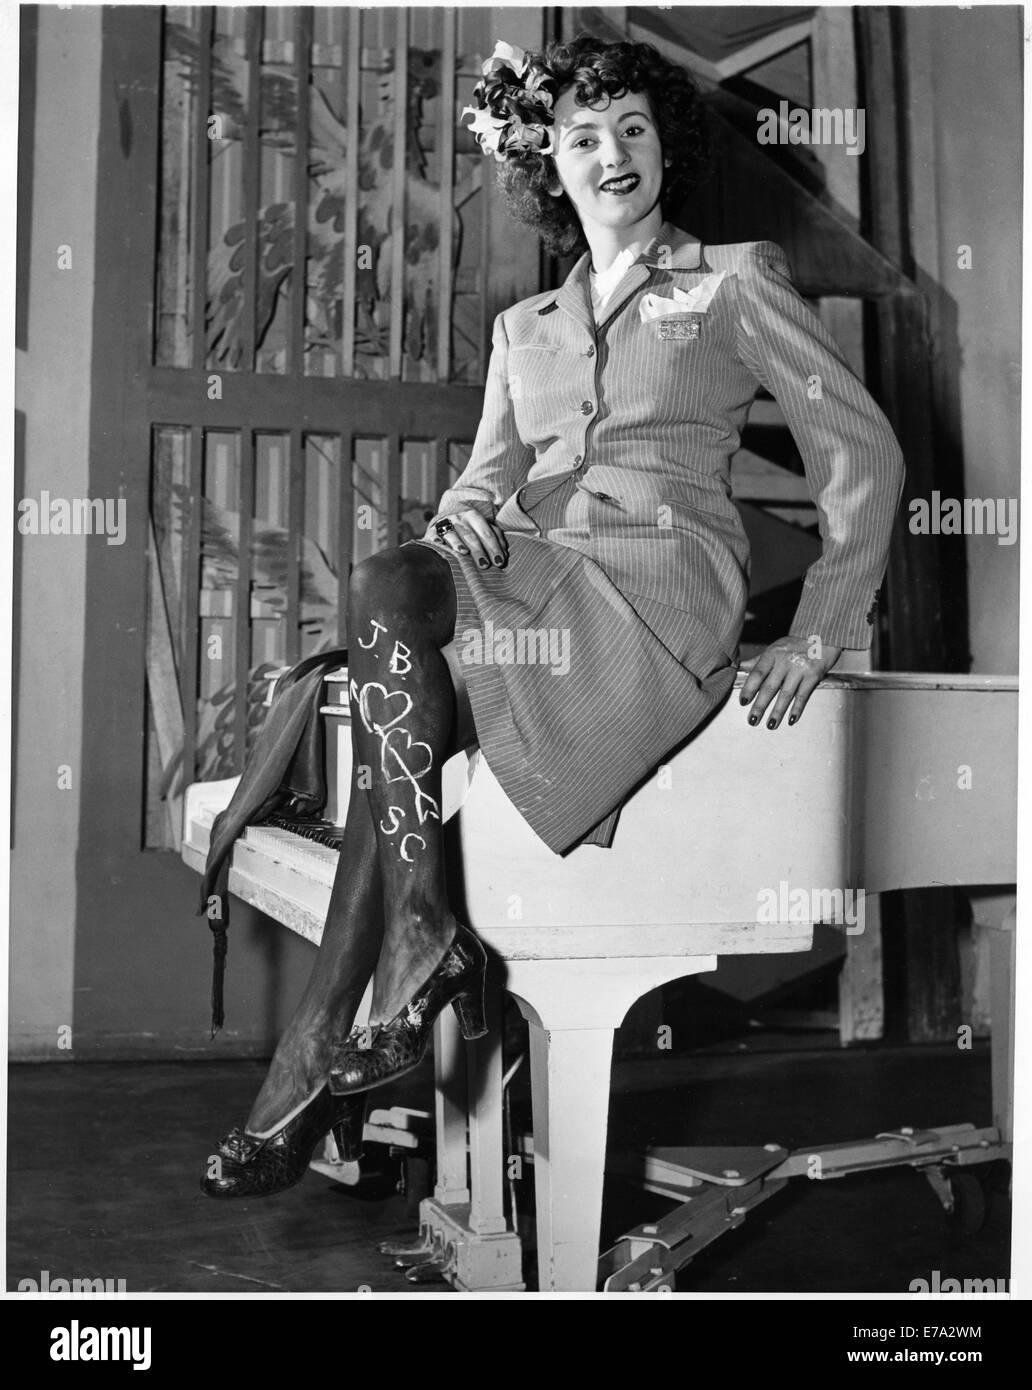 Stockings 1940s Stock Photos & Stockings 1940s Stock ...